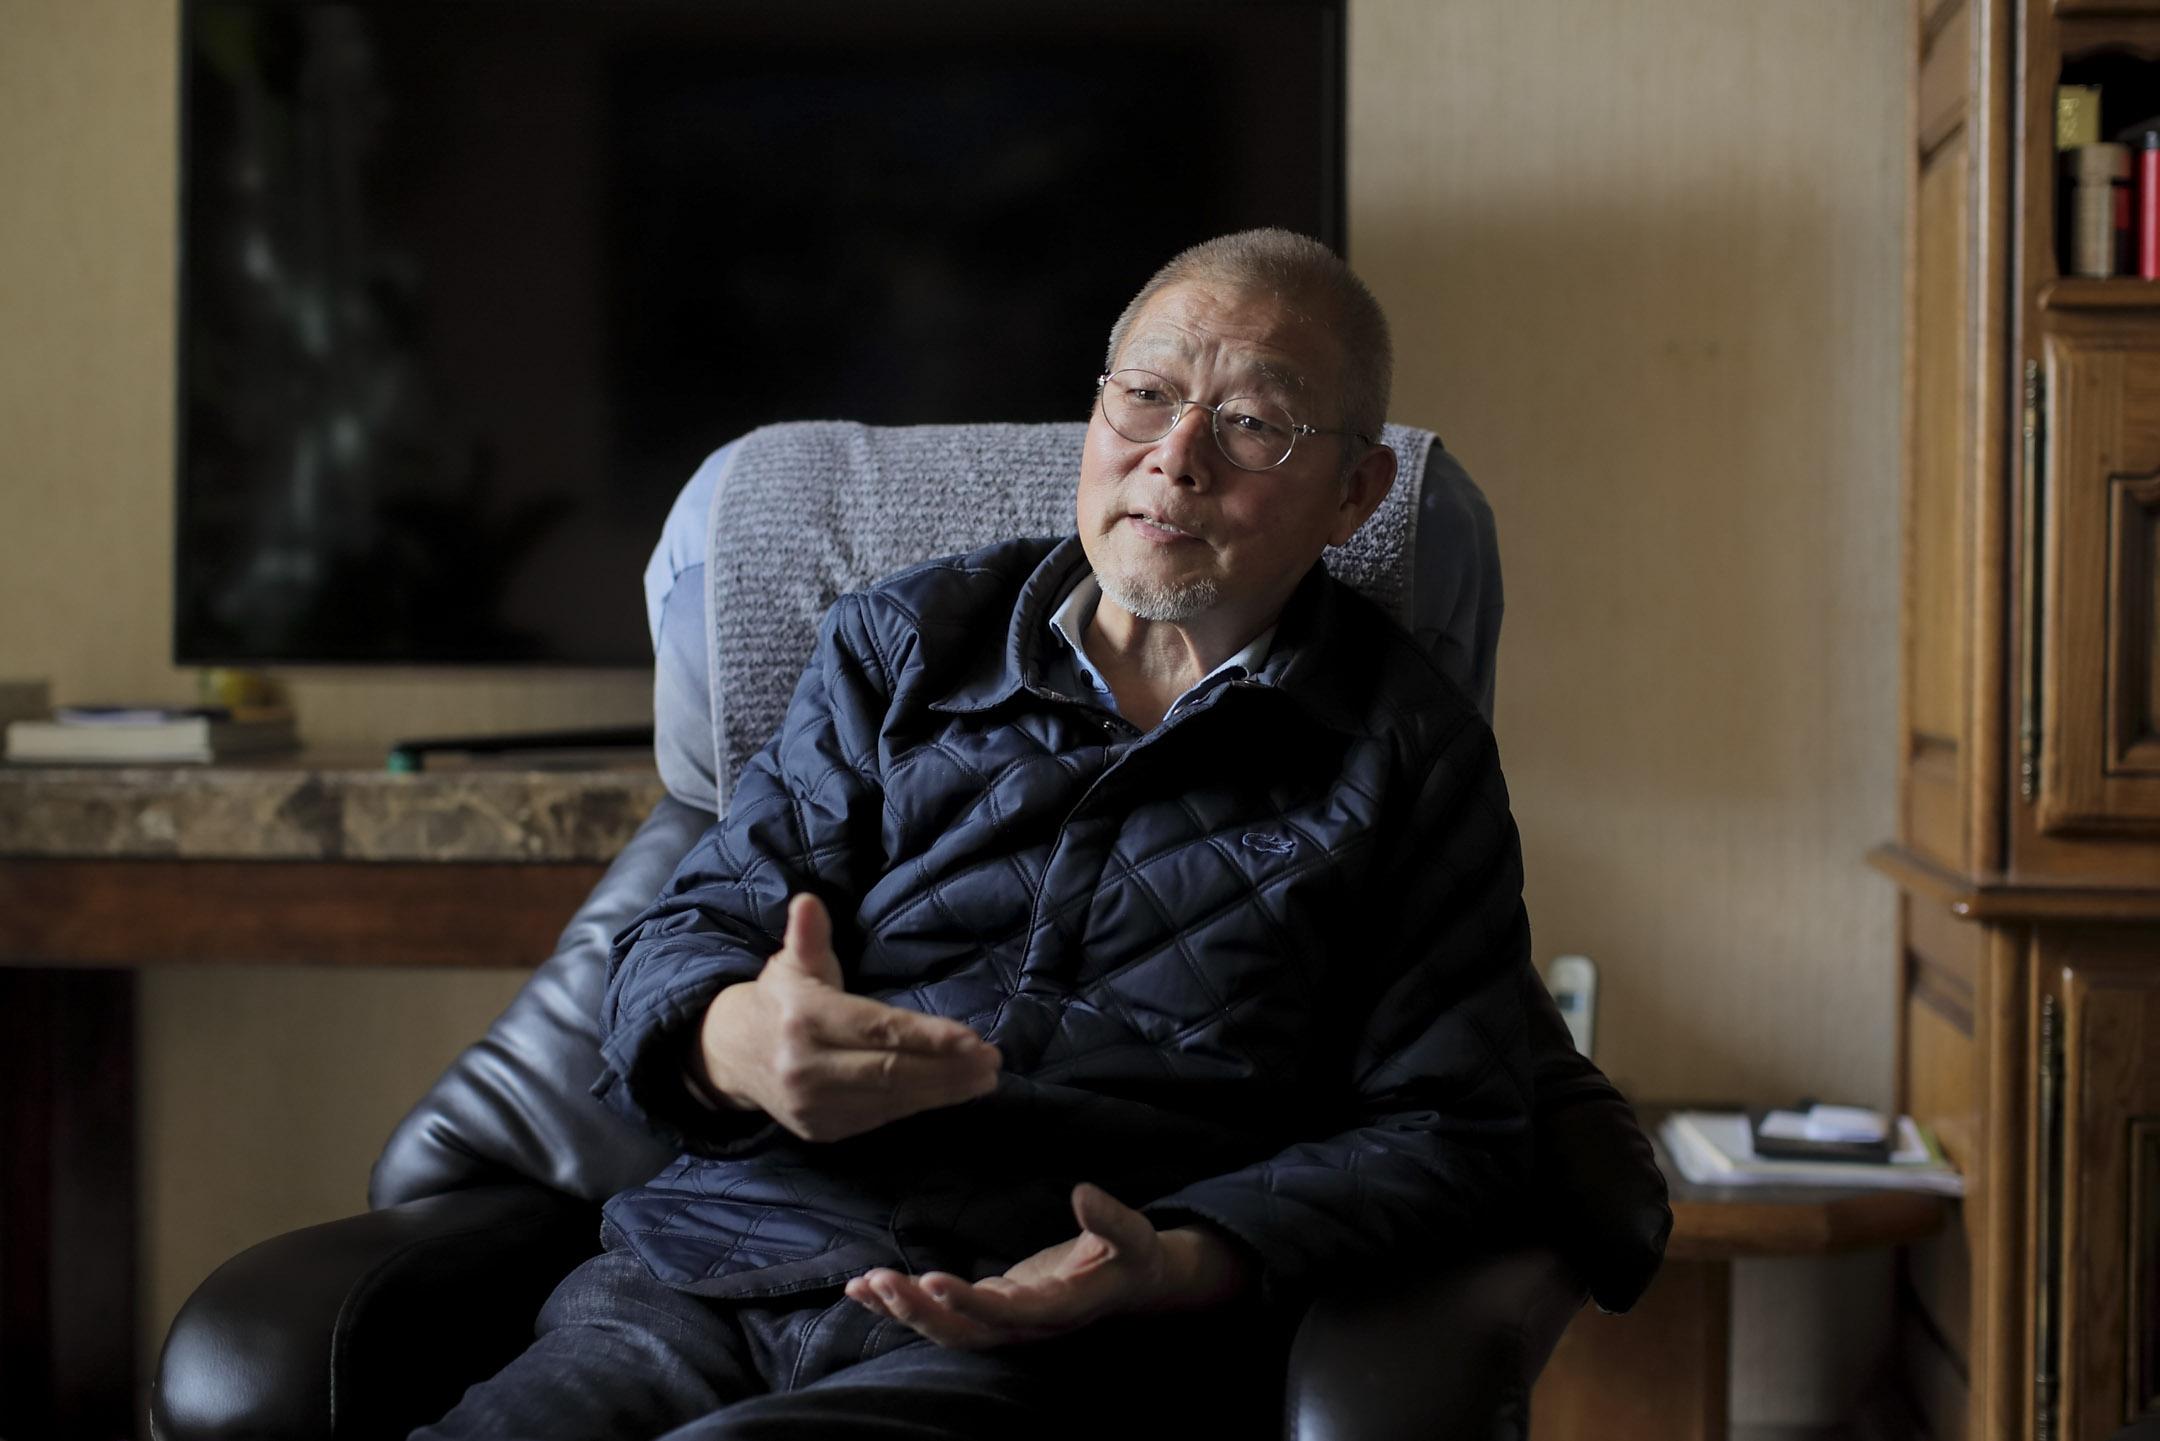 海外民運的標誌性人物之一,72歲的萬潤南。 攝:凱楓/端傳媒